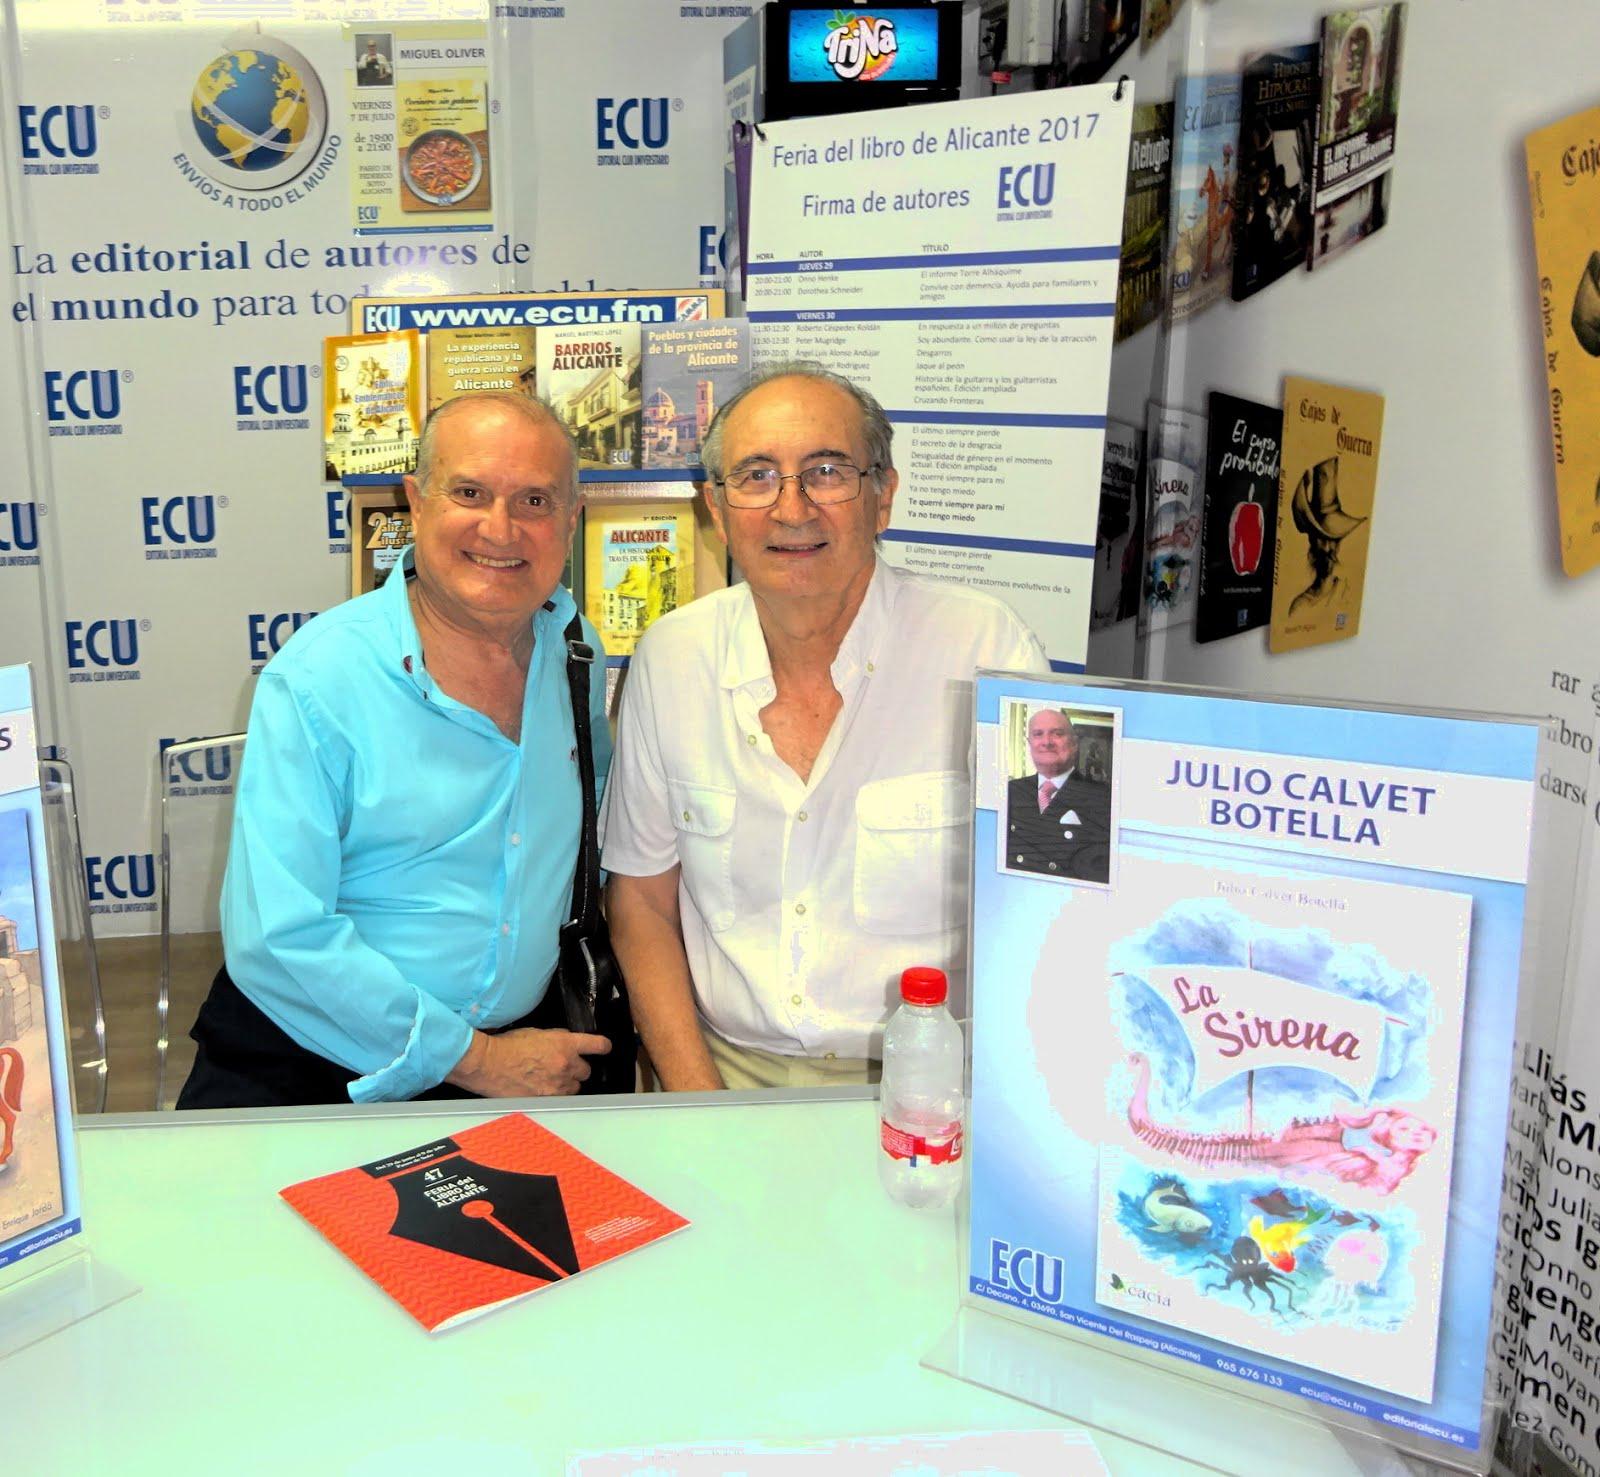 Feria del Libro de Alicante 2017